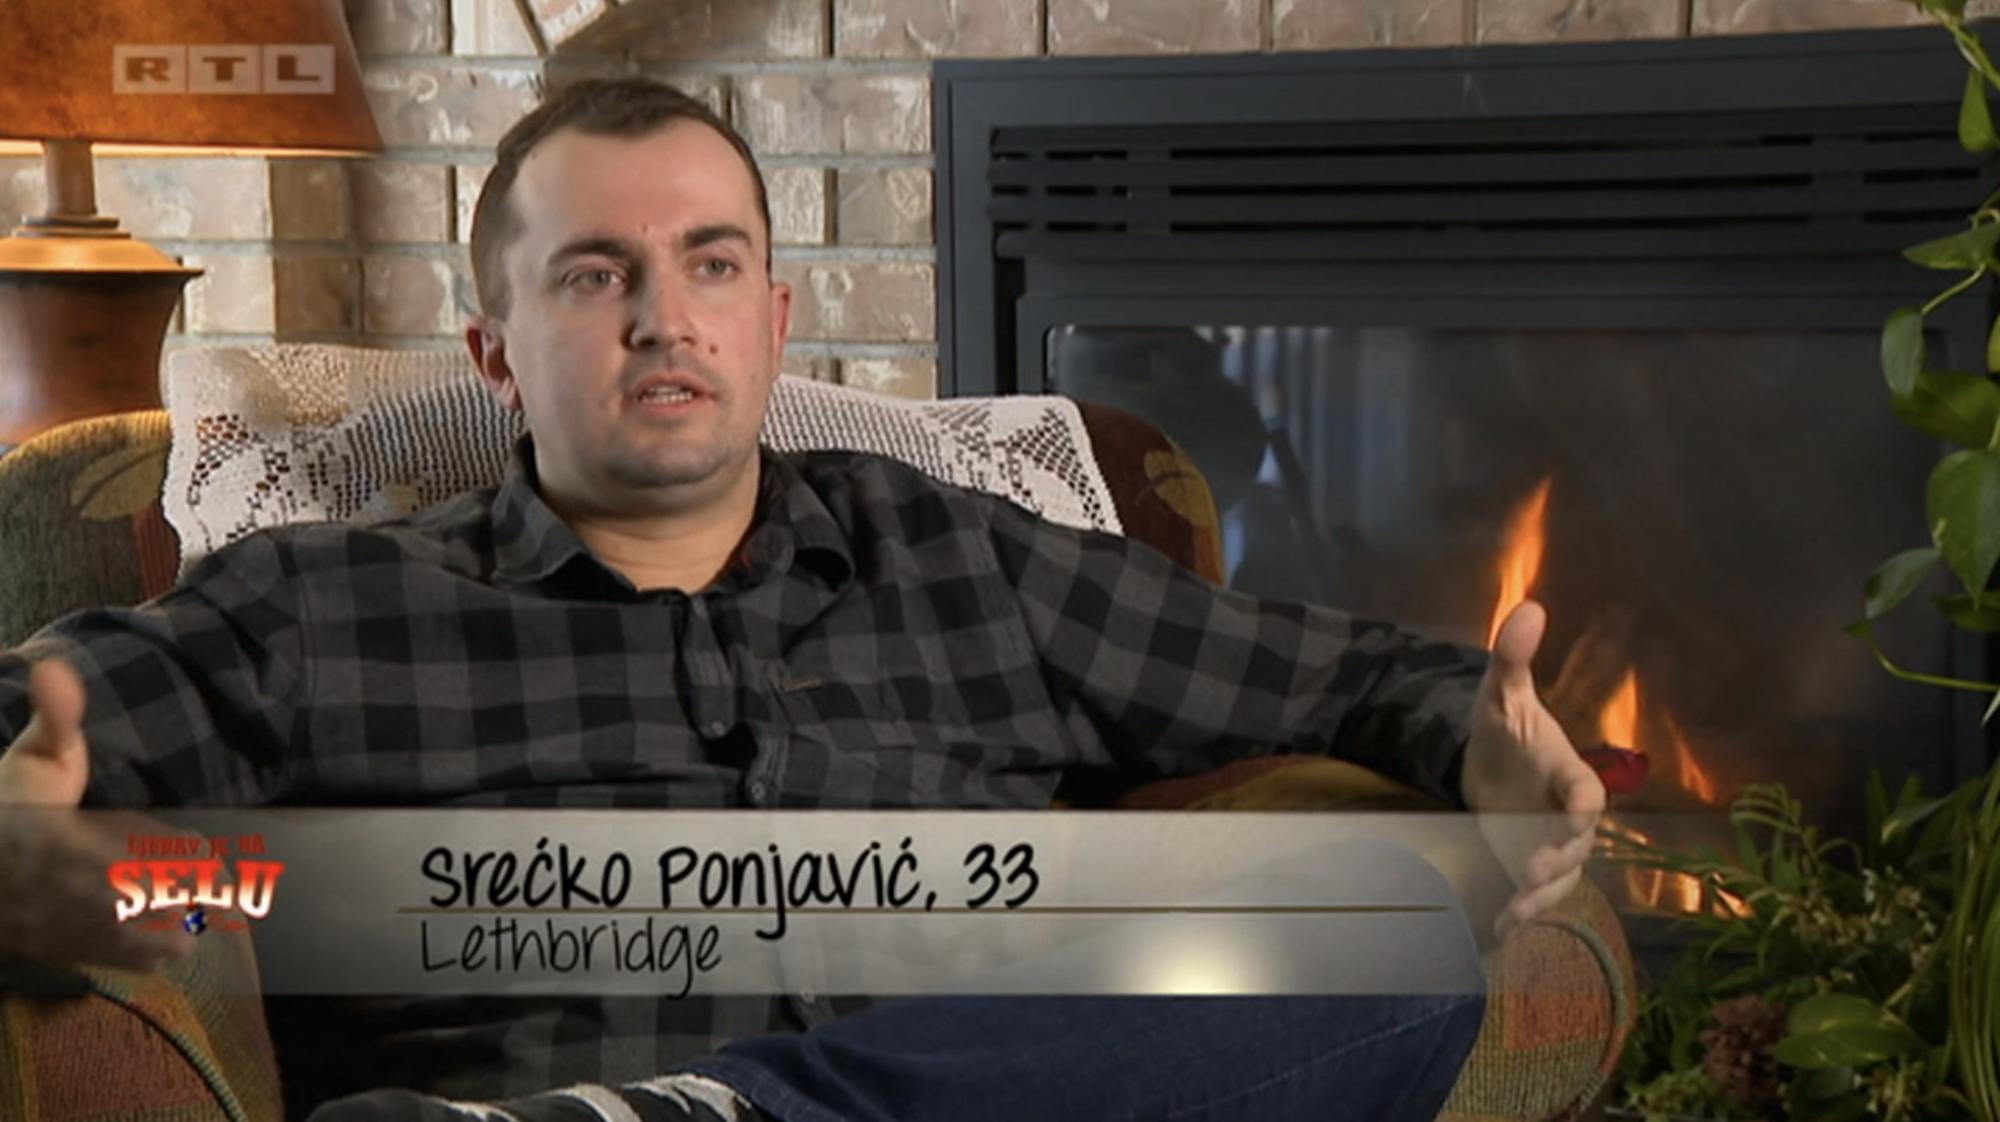 Srecko Ponjavic